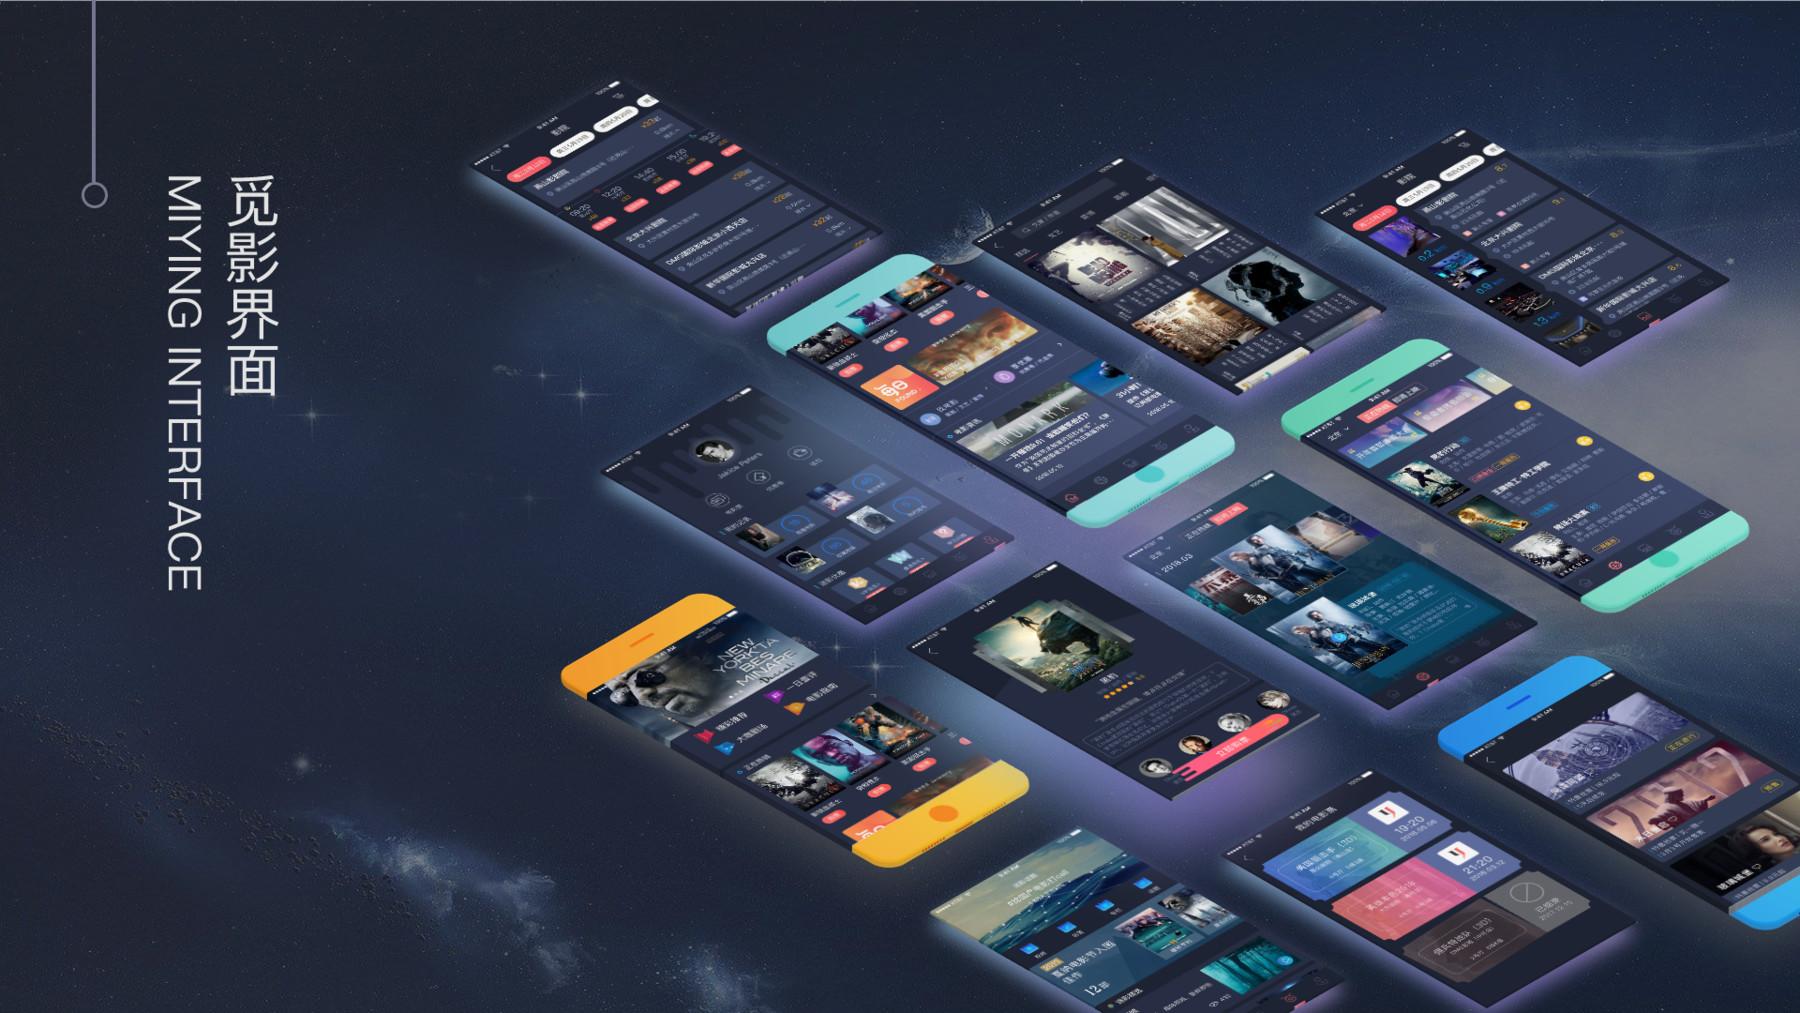 新版觅影电影影视视频APP手机双端原生安卓IOS源码 附带开发文档及教程